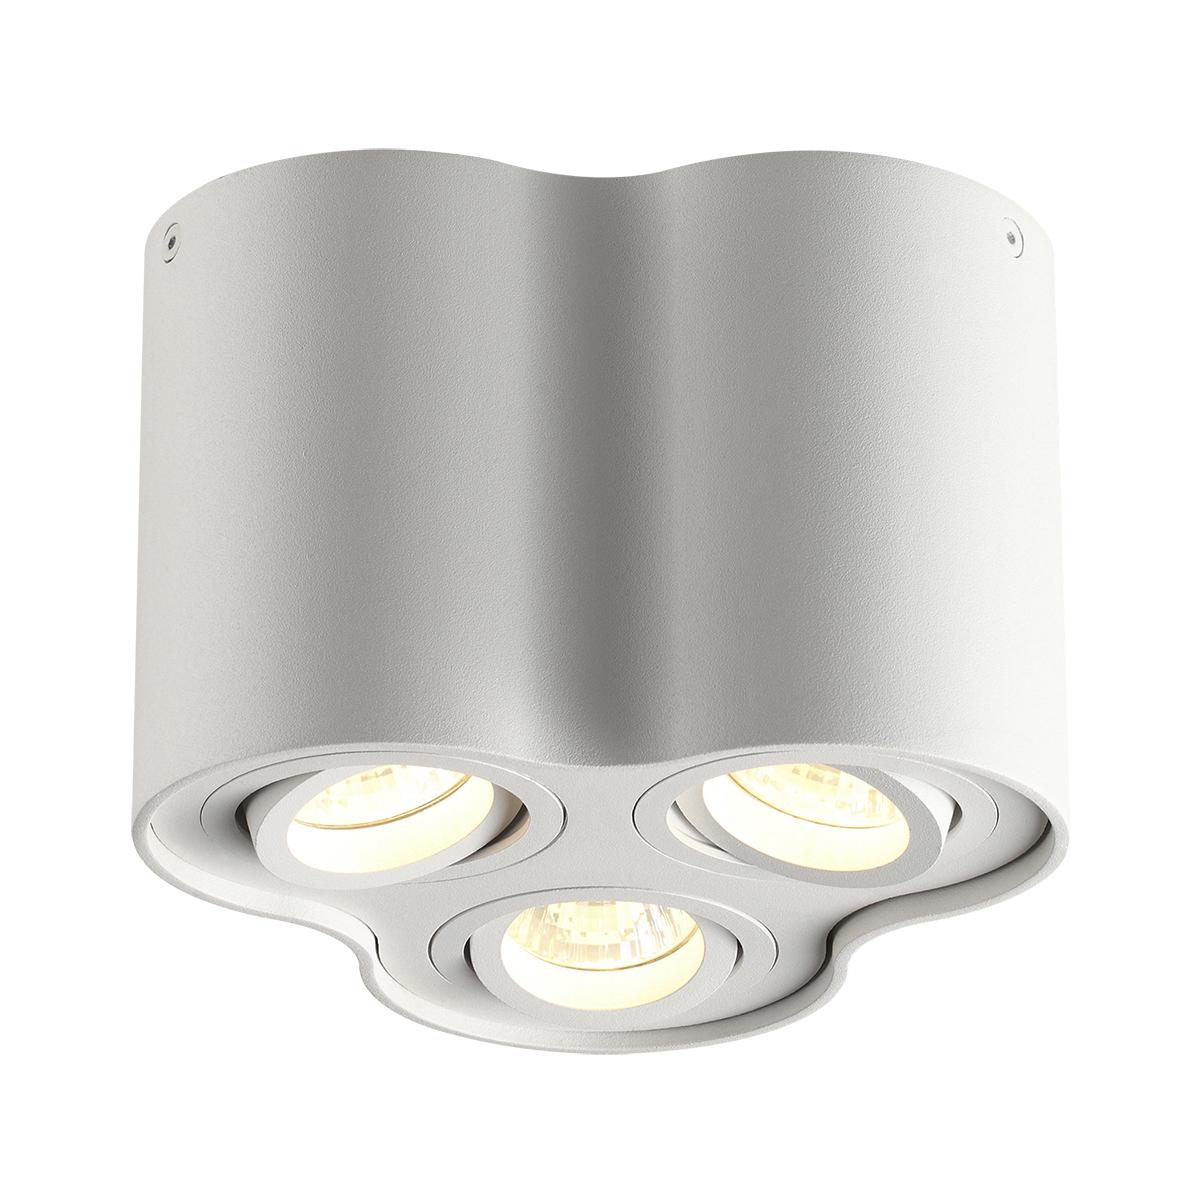 Потолочный светильник Odeon Light Pillaron 3564/3C, 3xGU10x50W, белый, металл - фото 1